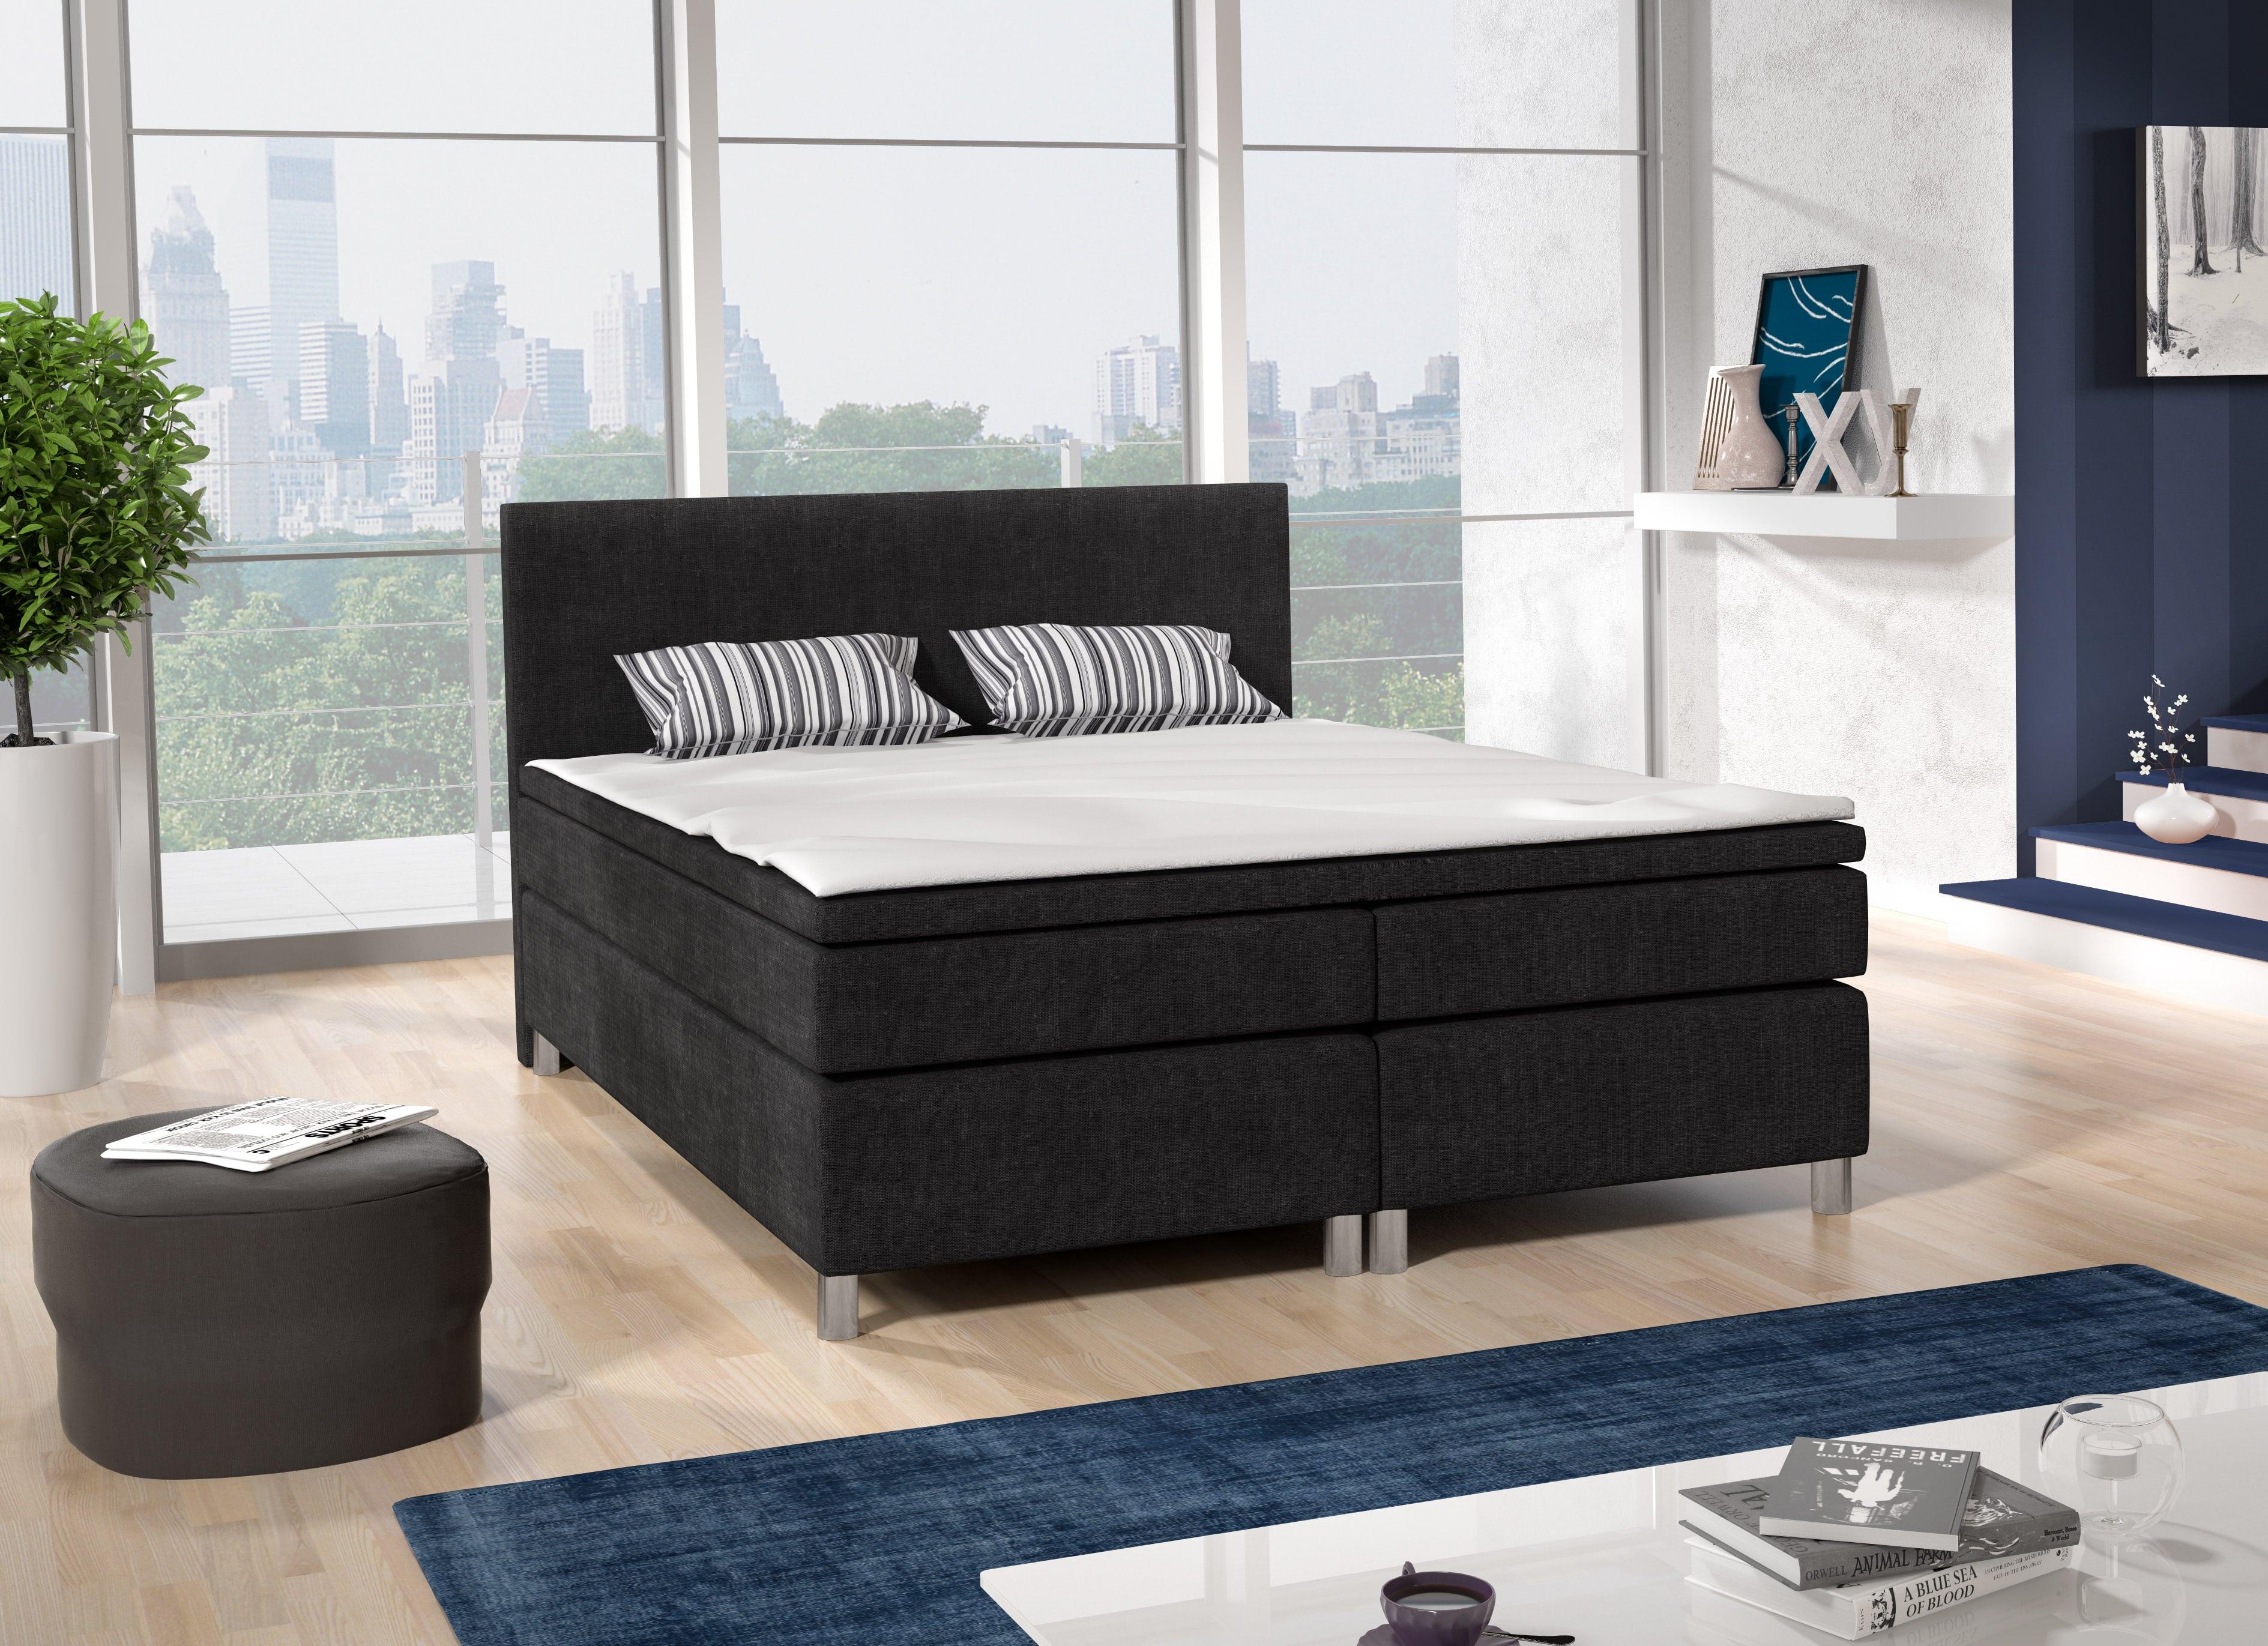 Manželská postel Boxspring 140 cm - Sabina (černá) (s matracemi)